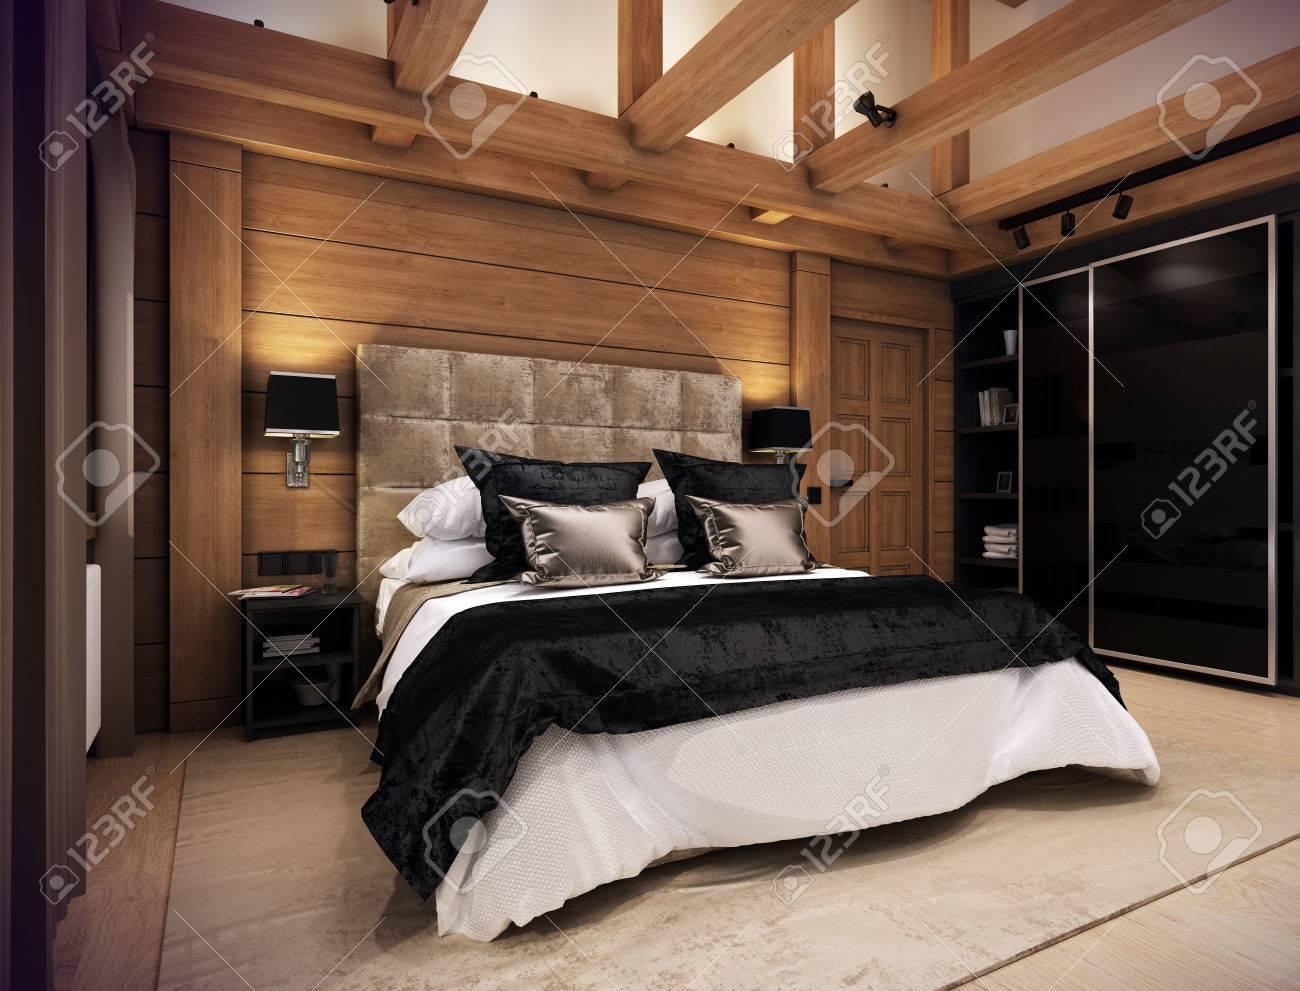 Das Gemütliche Schlafzimmer Befindet Sich Im Dachgeschoss Eines ...